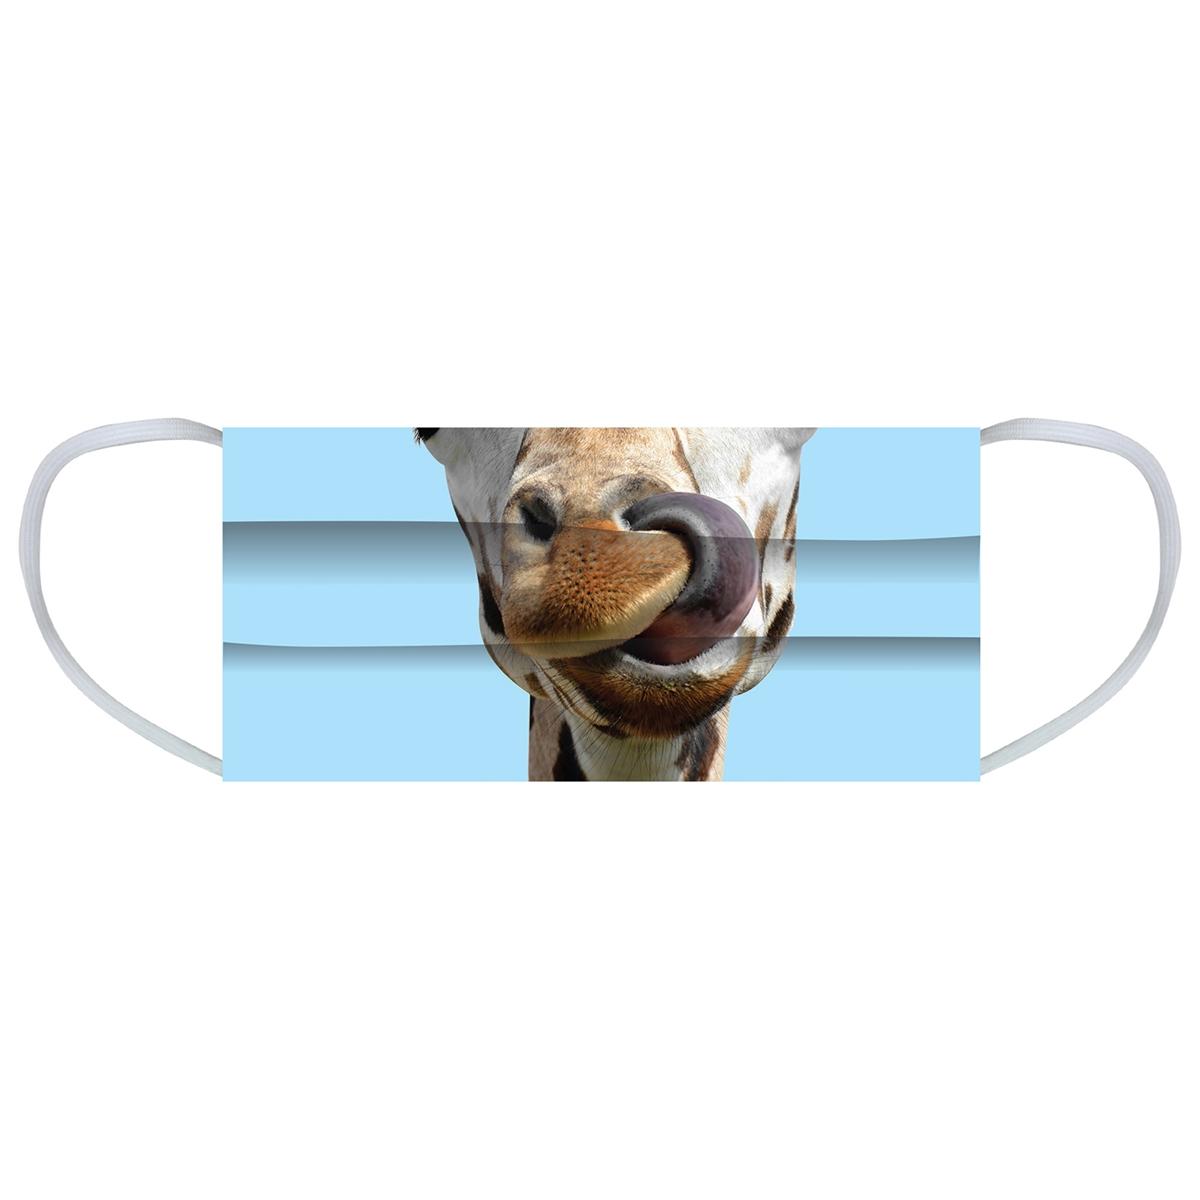 Giraffe Face Mask